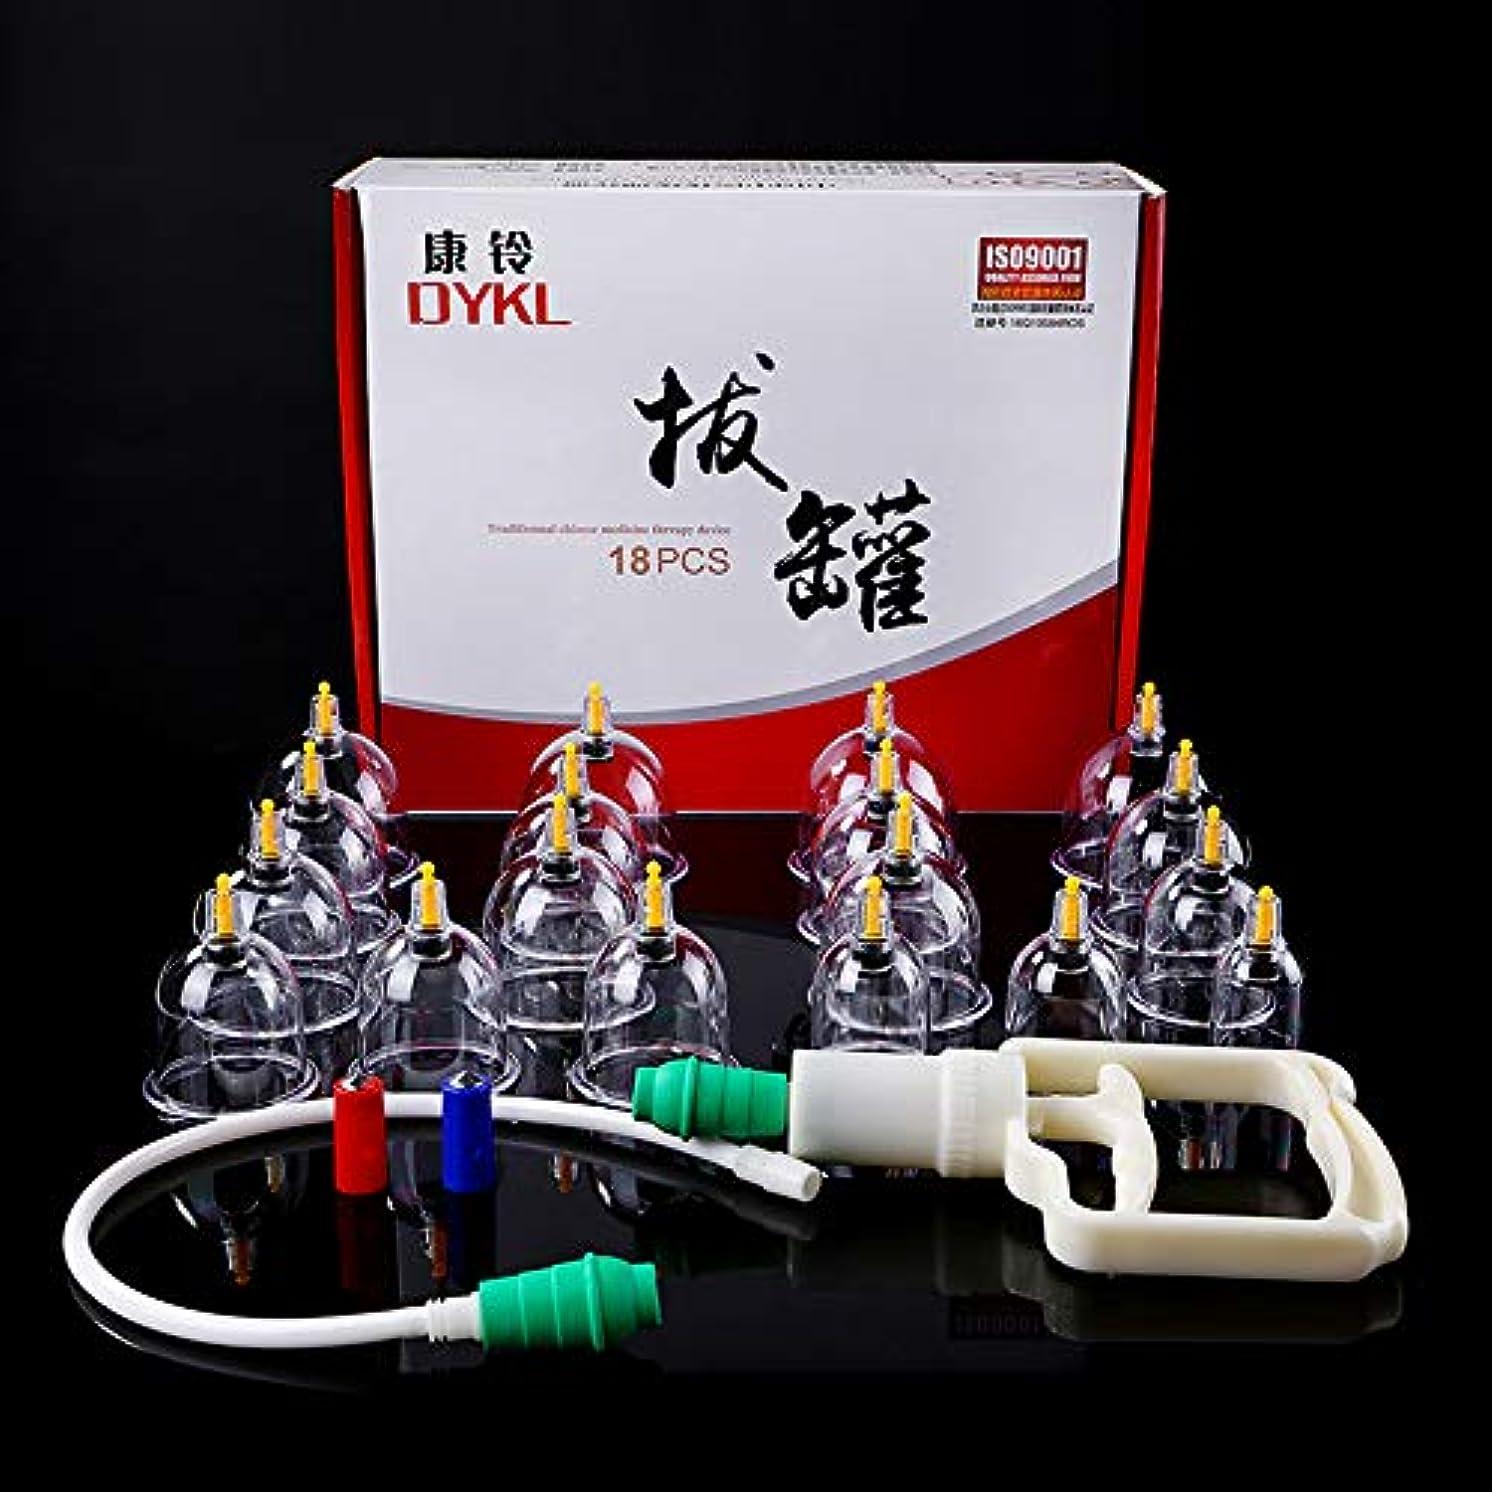 料理北西真似るホーム中国製カッピング装置、背中/首の痛み/体重減少/筋肉の解放のためのポンピングハンドル付きの12個の真空吸引カップ